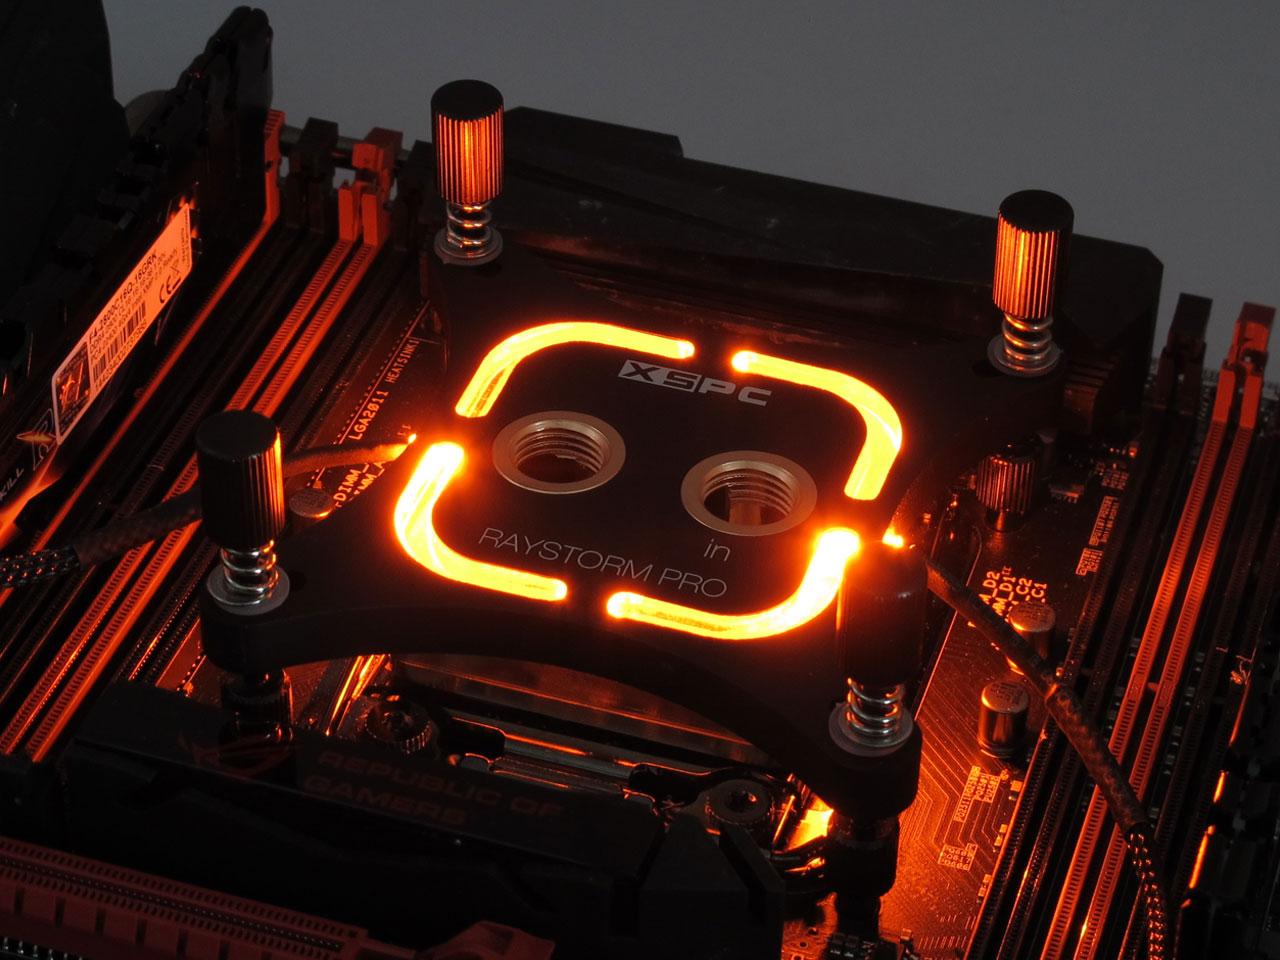 XSPC RayStorm Pro CPU电脑水冷散热全平台冷头黑色2011(-3) 1151